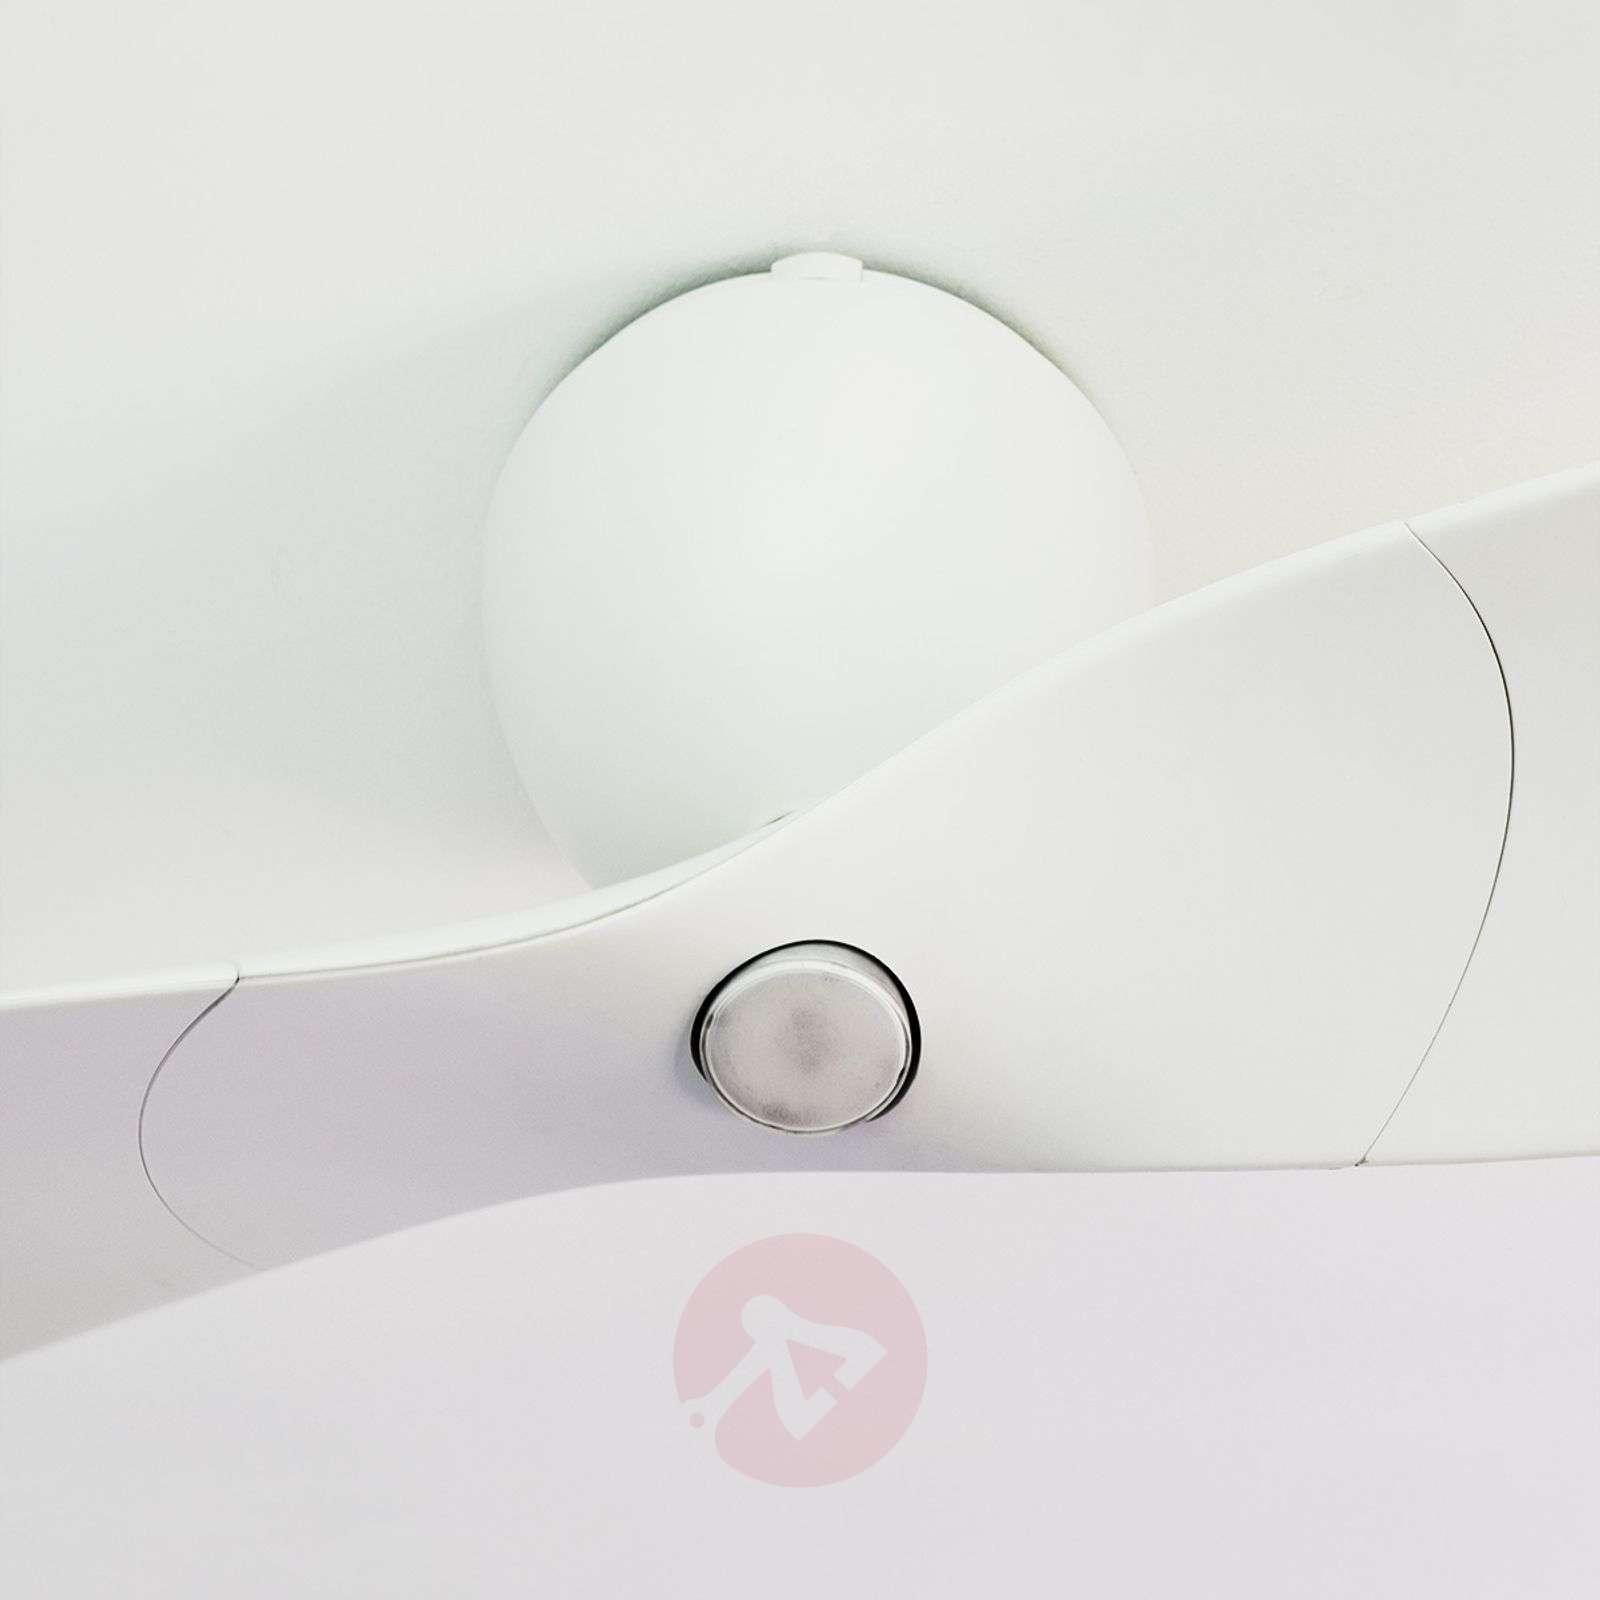 LED light kit for Wave ceiling fan-1068015-01